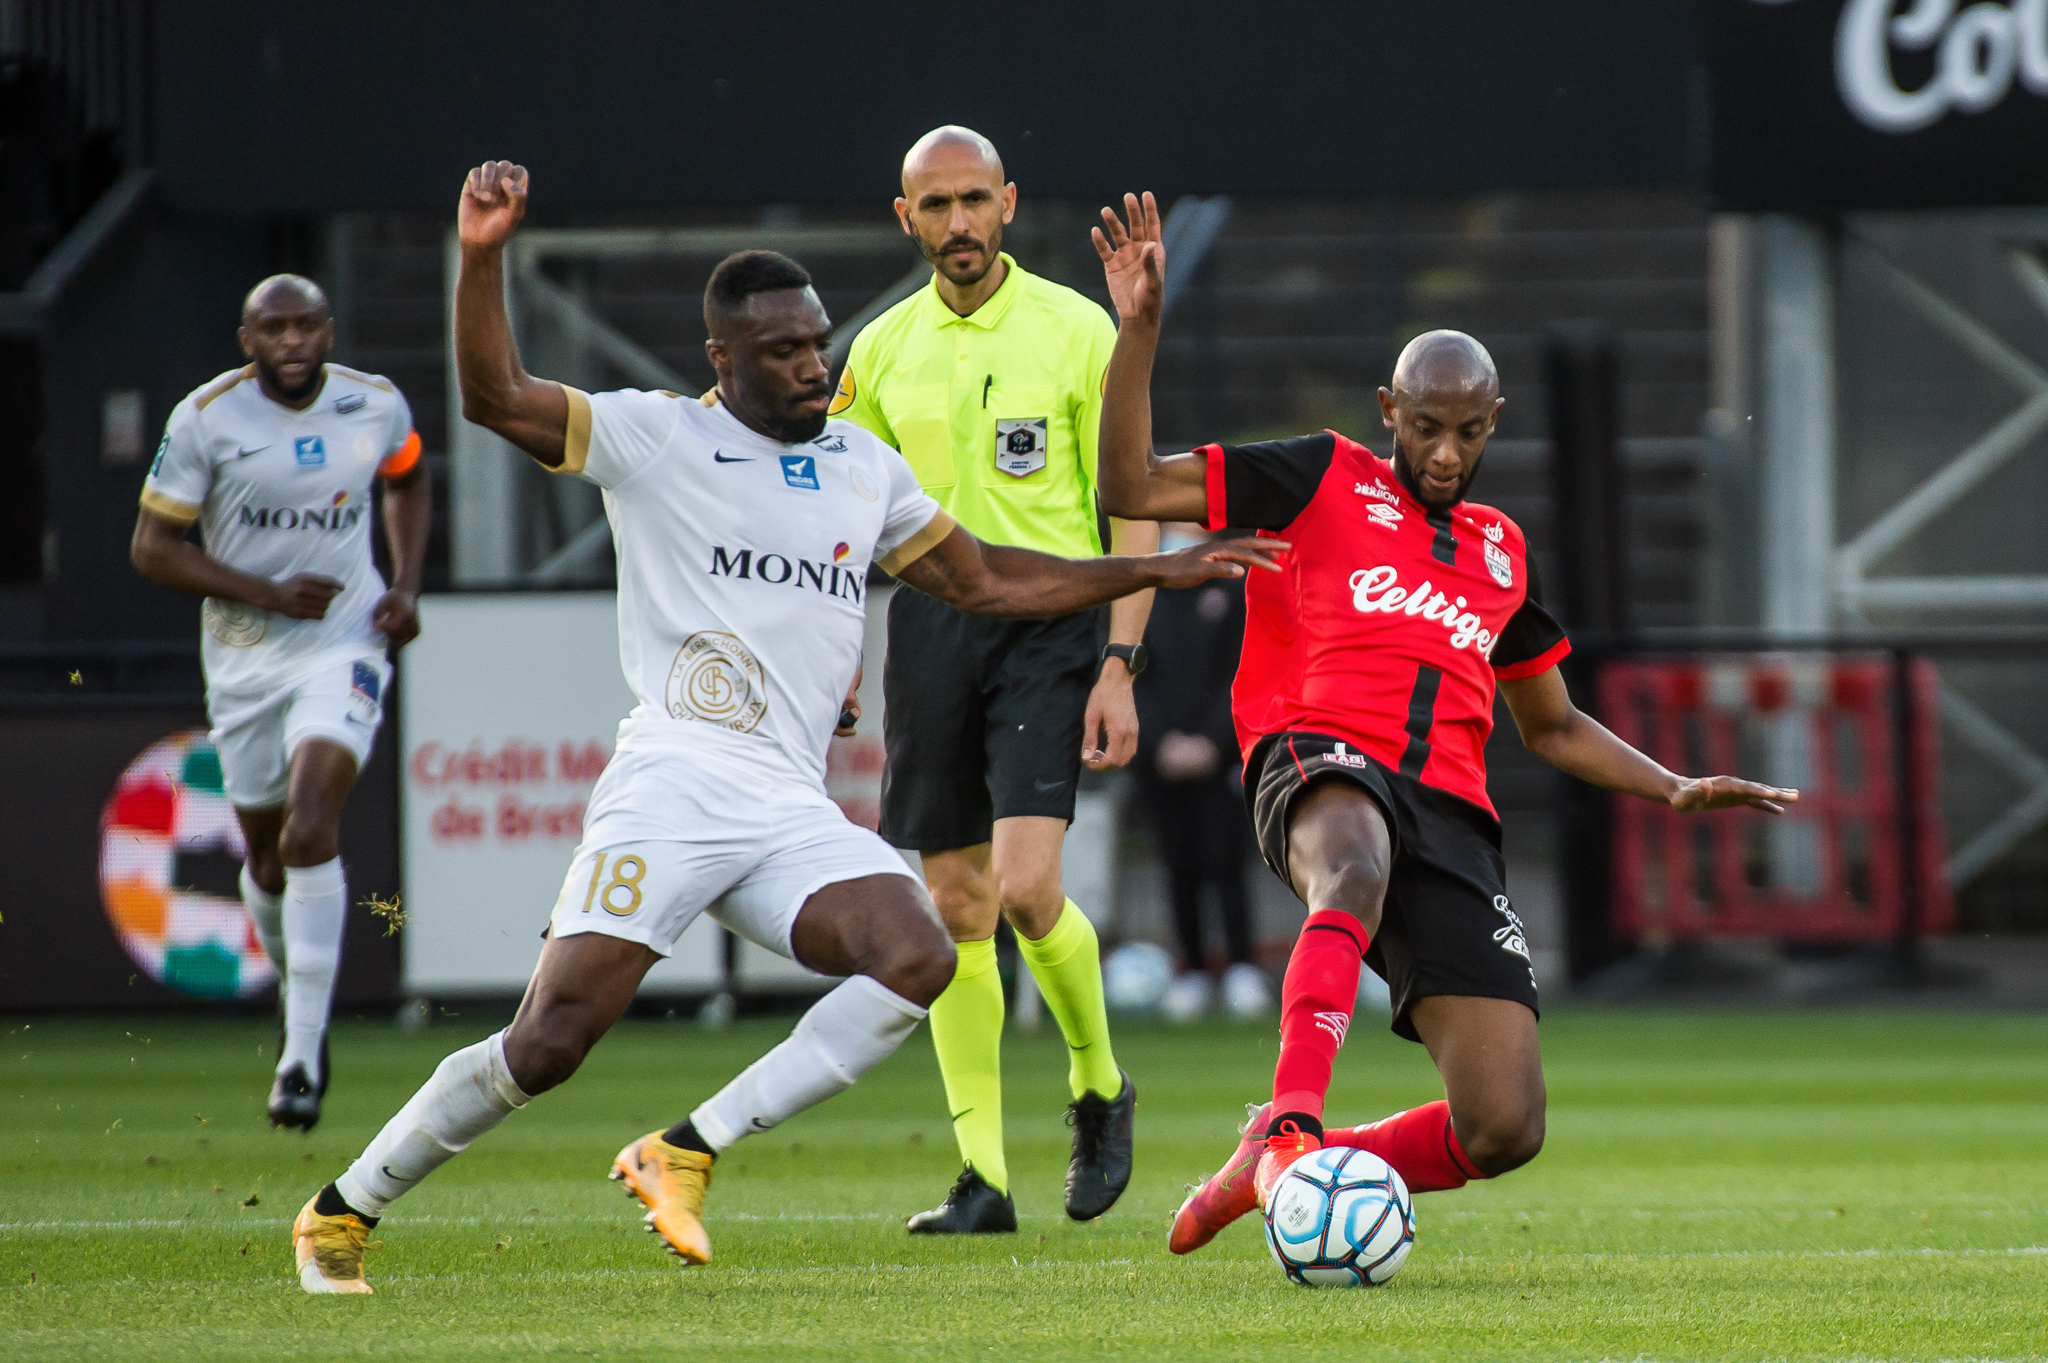 EA Guingamp La Berrichonne Châteauroux J37 Ligue 2 BKT EAGLBC 2-0 Stade de Roudourou FRA_5503